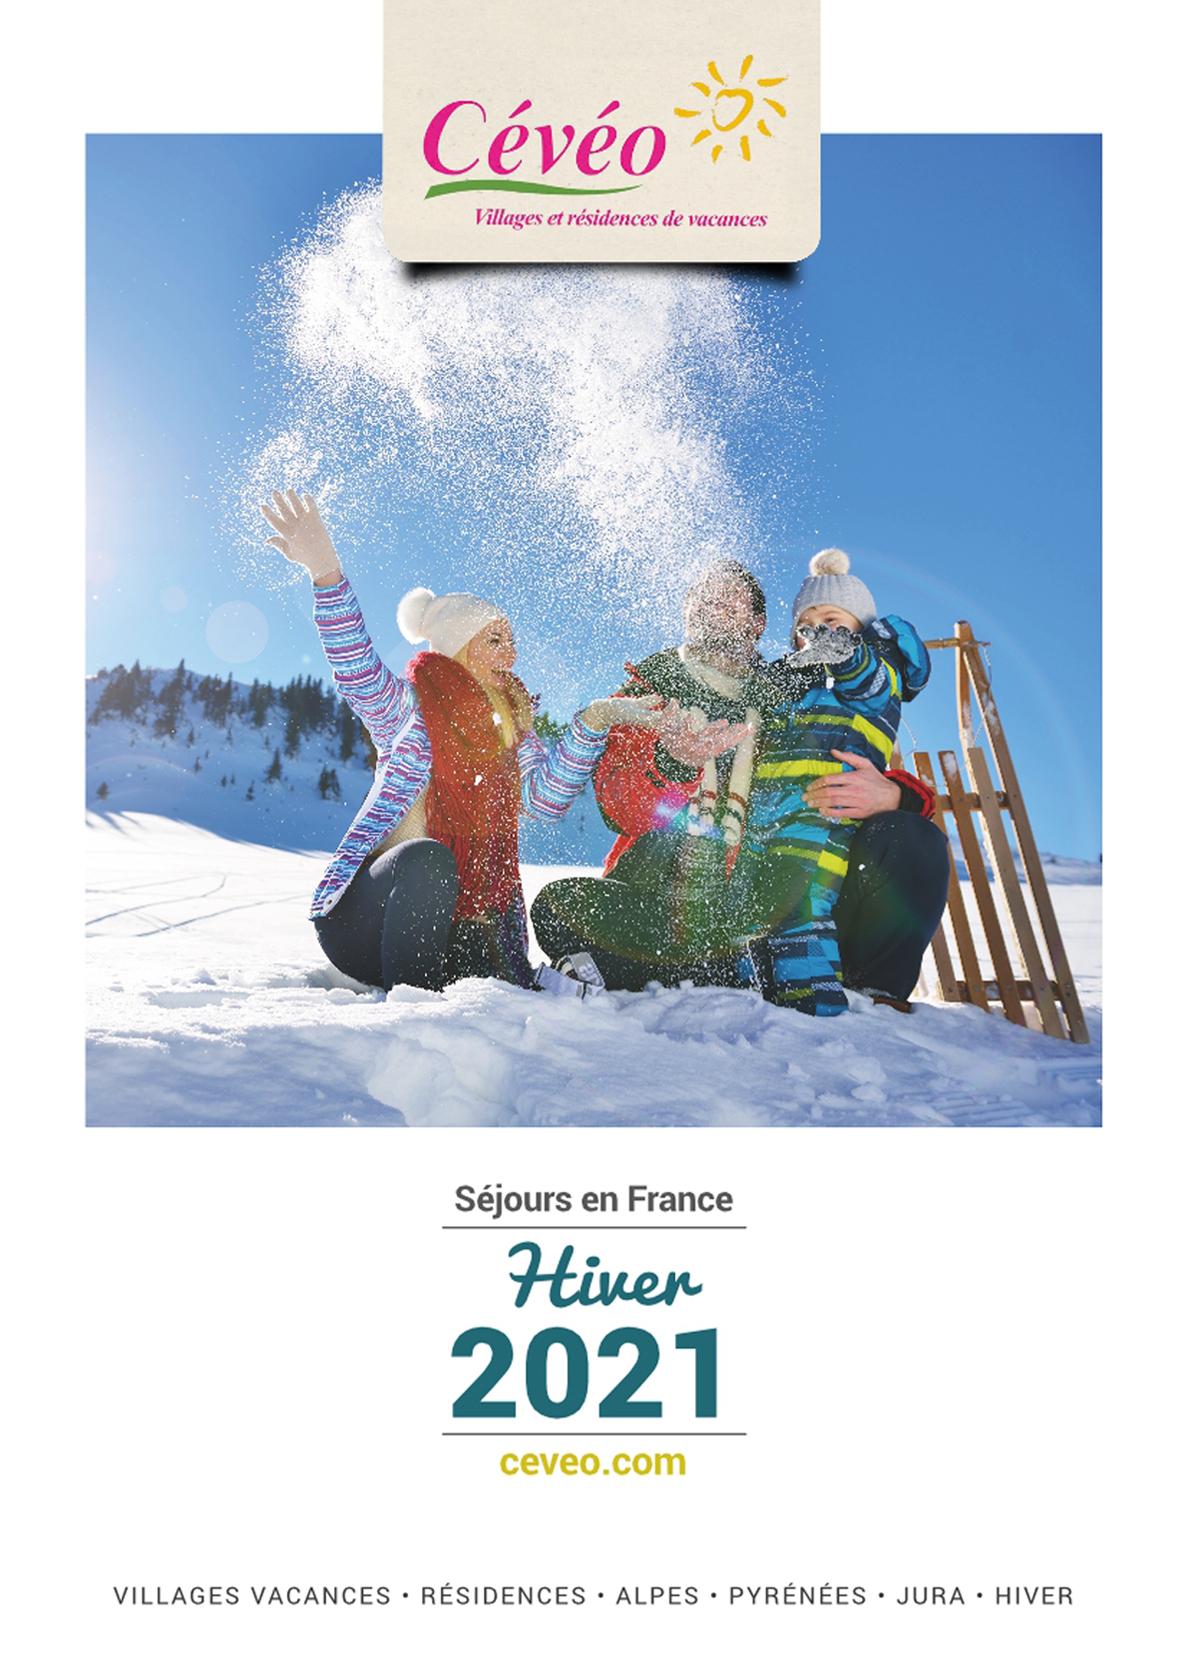 Hiver 2021